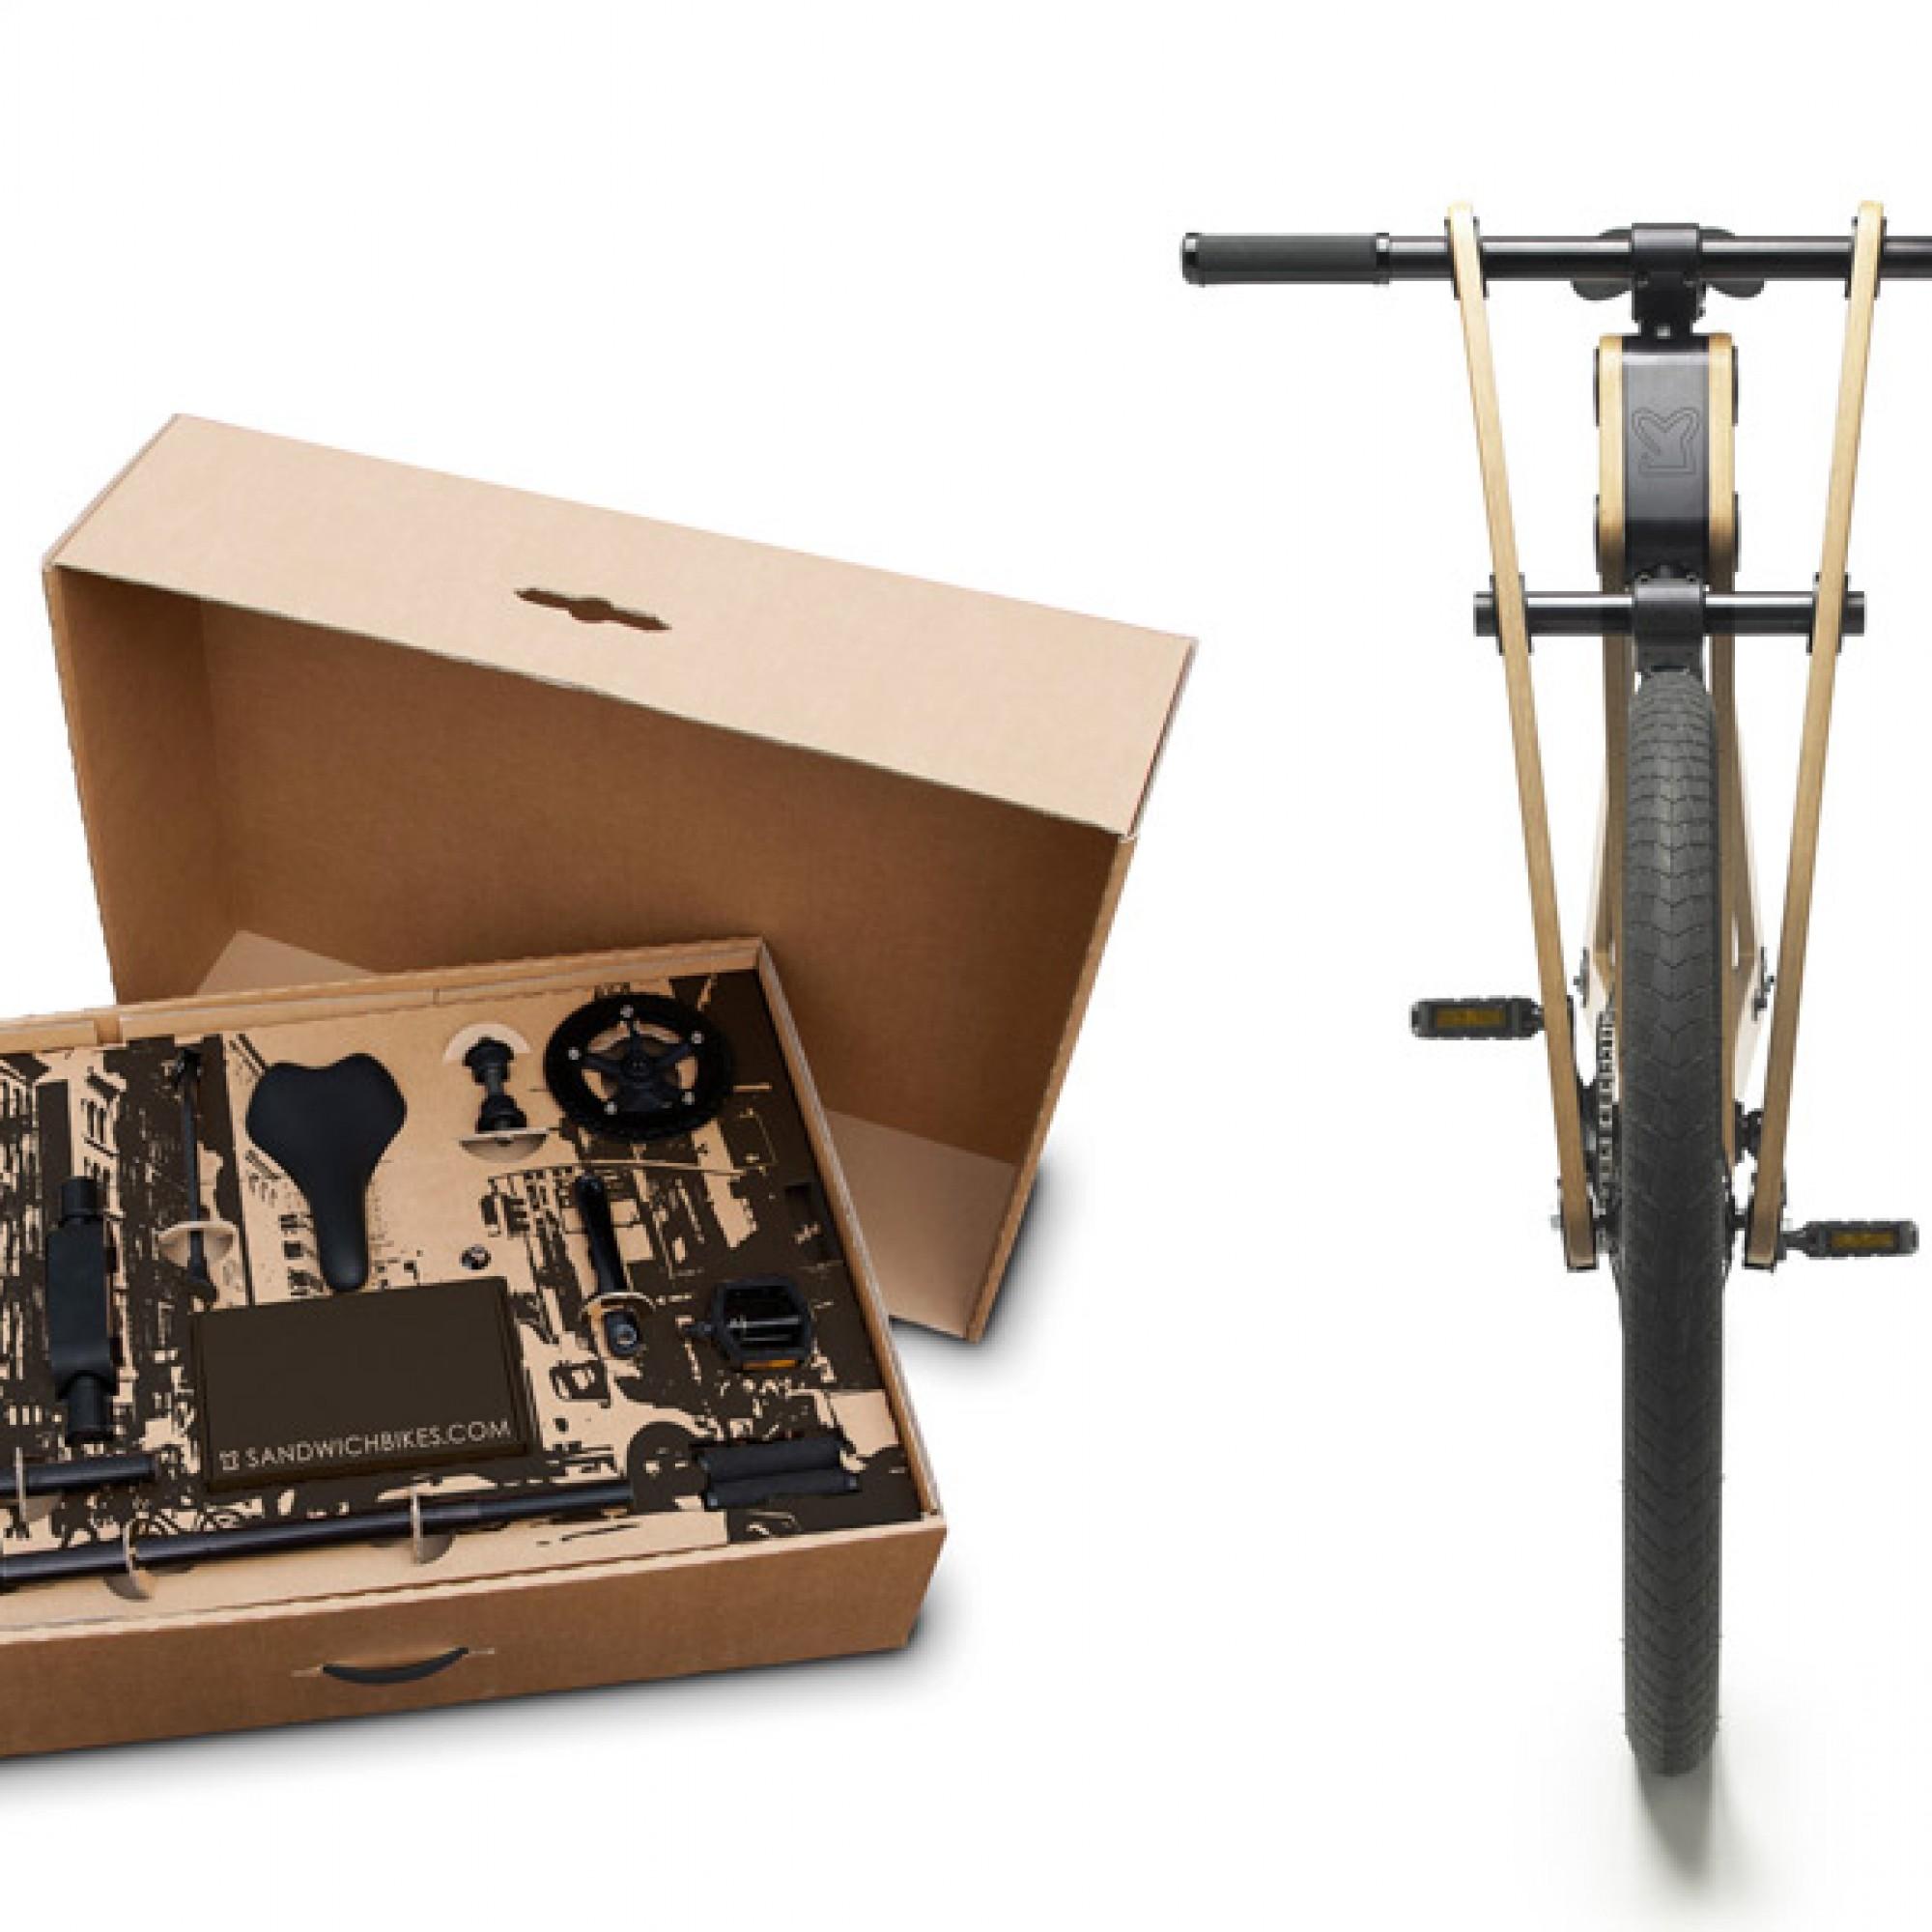 Do-it-yourself-Bausatz für Sandwichbike aus Holz. Die Do-it-yourself-Welle hat auch die Fahrradfahrer erfasst. Der Bausatz wird in einer Schachtel per Post nach Hause geliefert und kann ohne zusätzliches Werkzeug montiert werden.